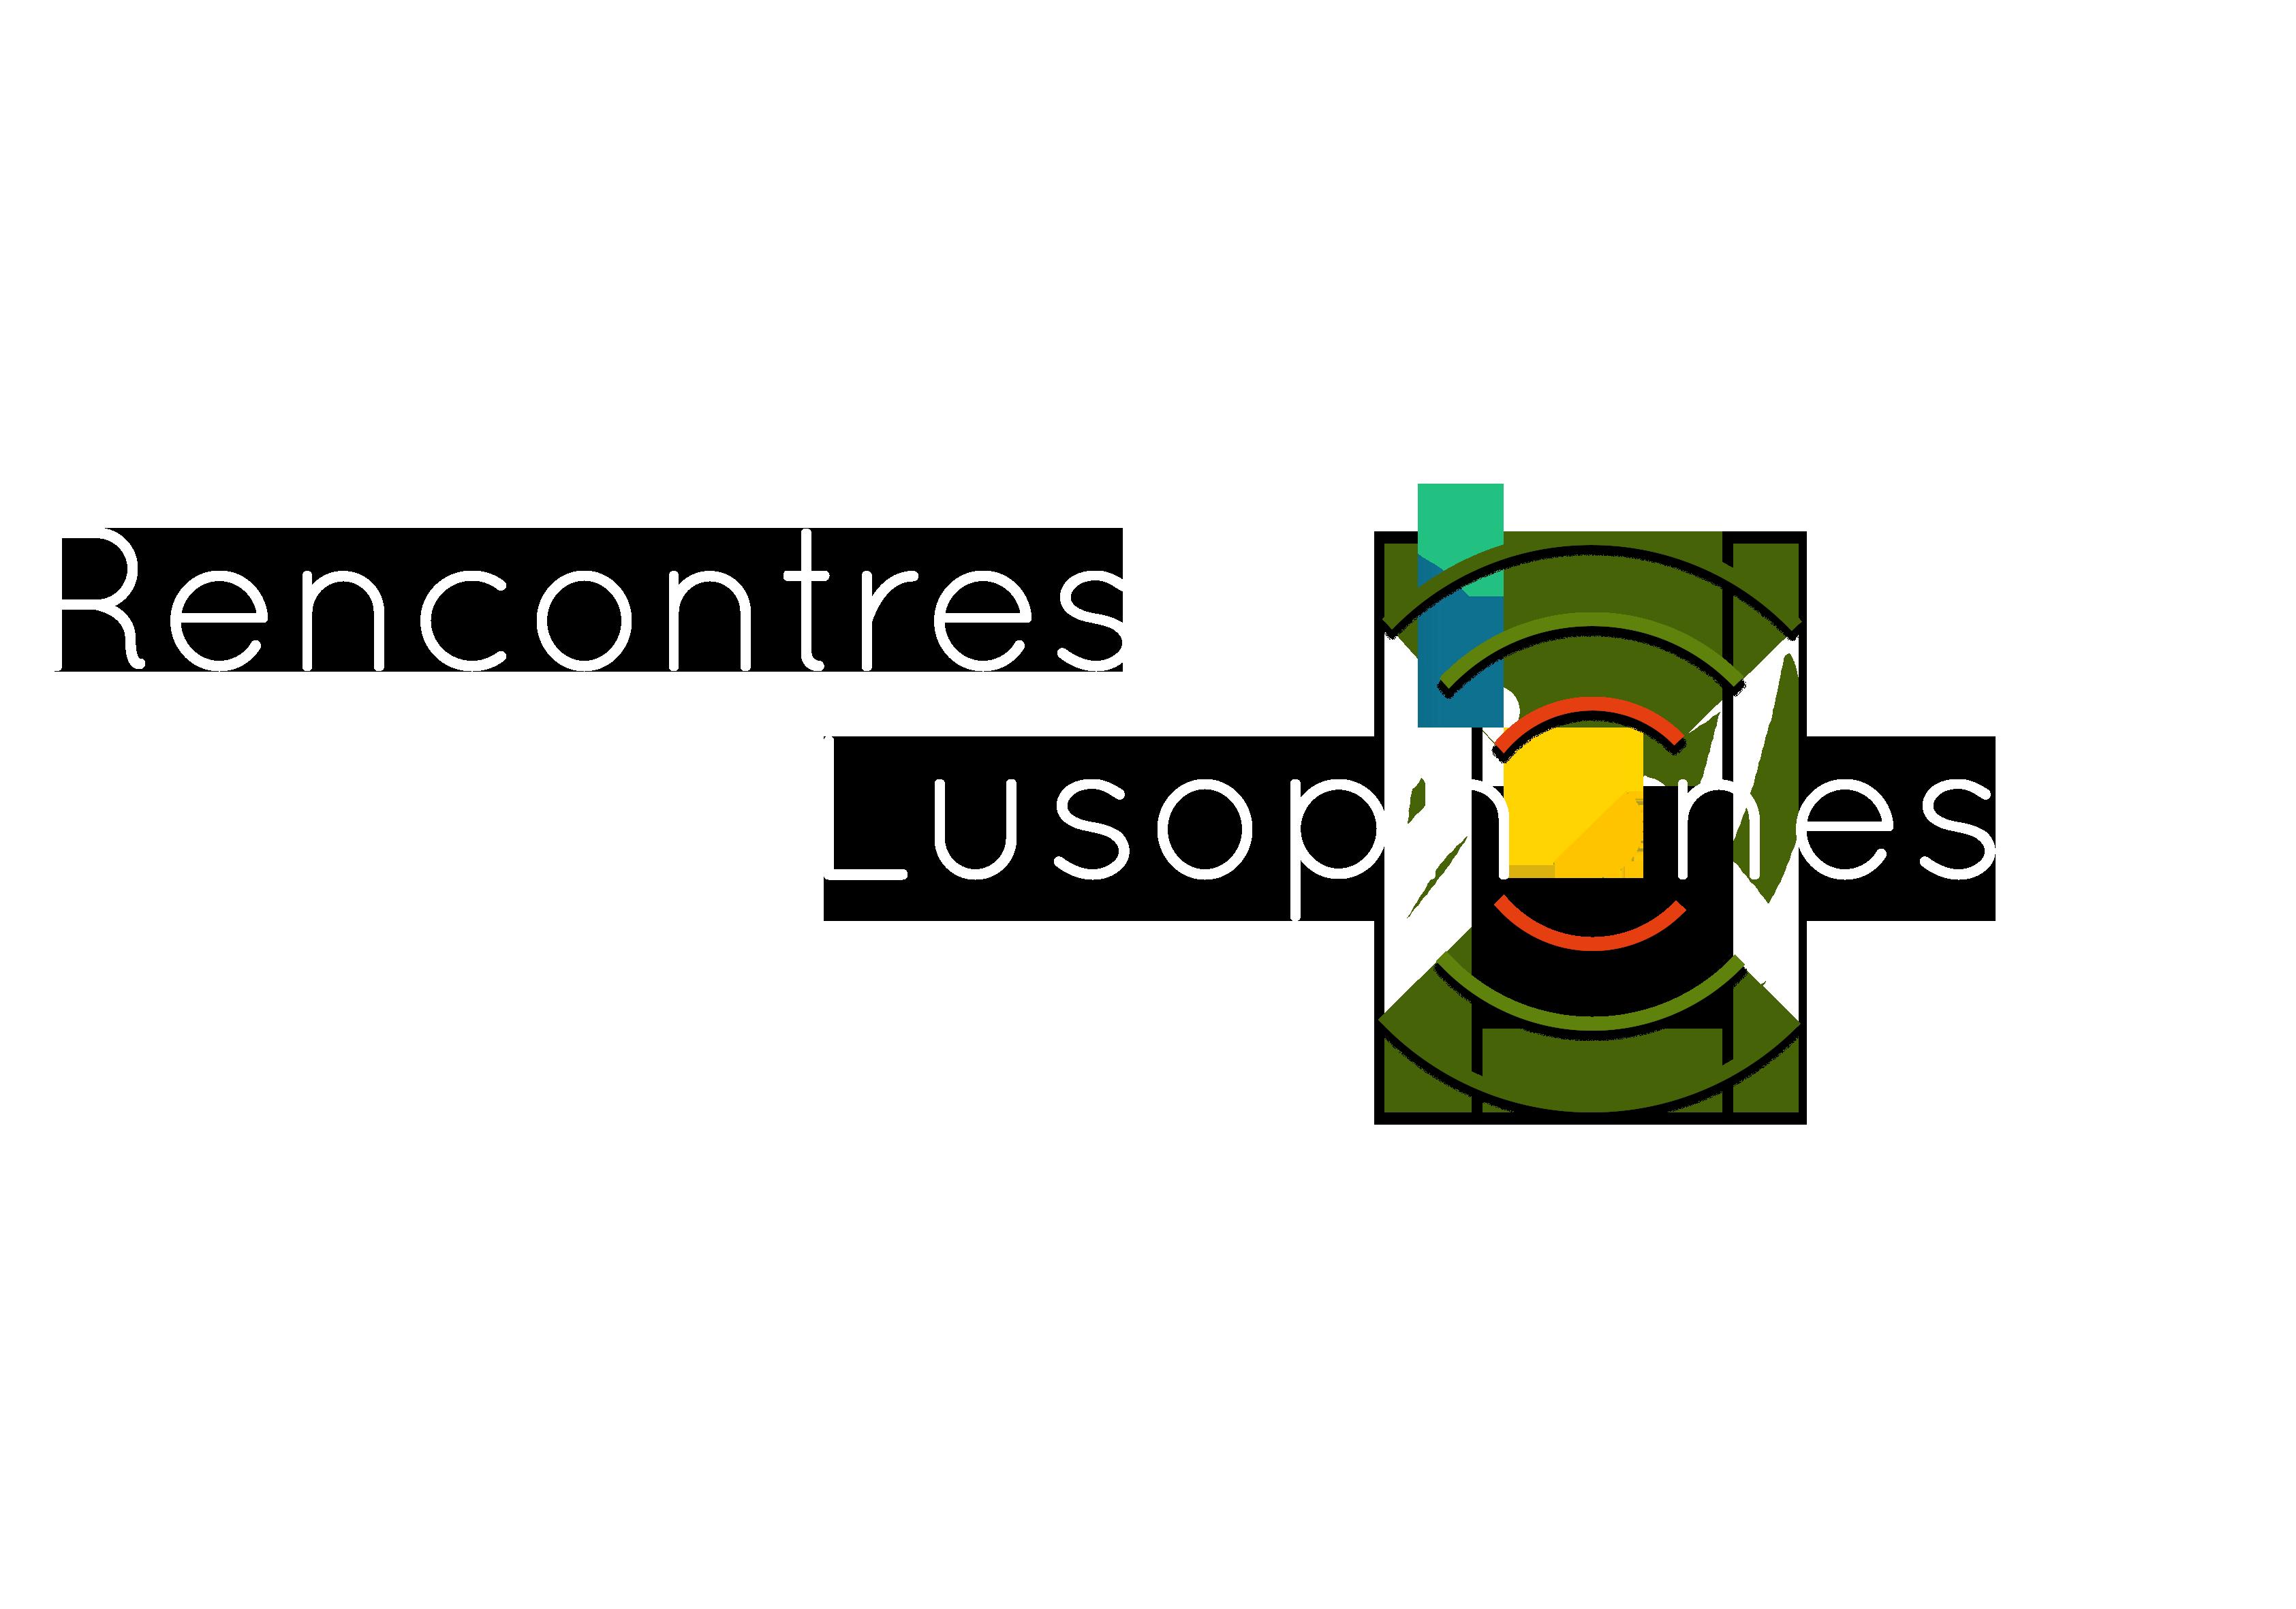 rencontres lusophones)